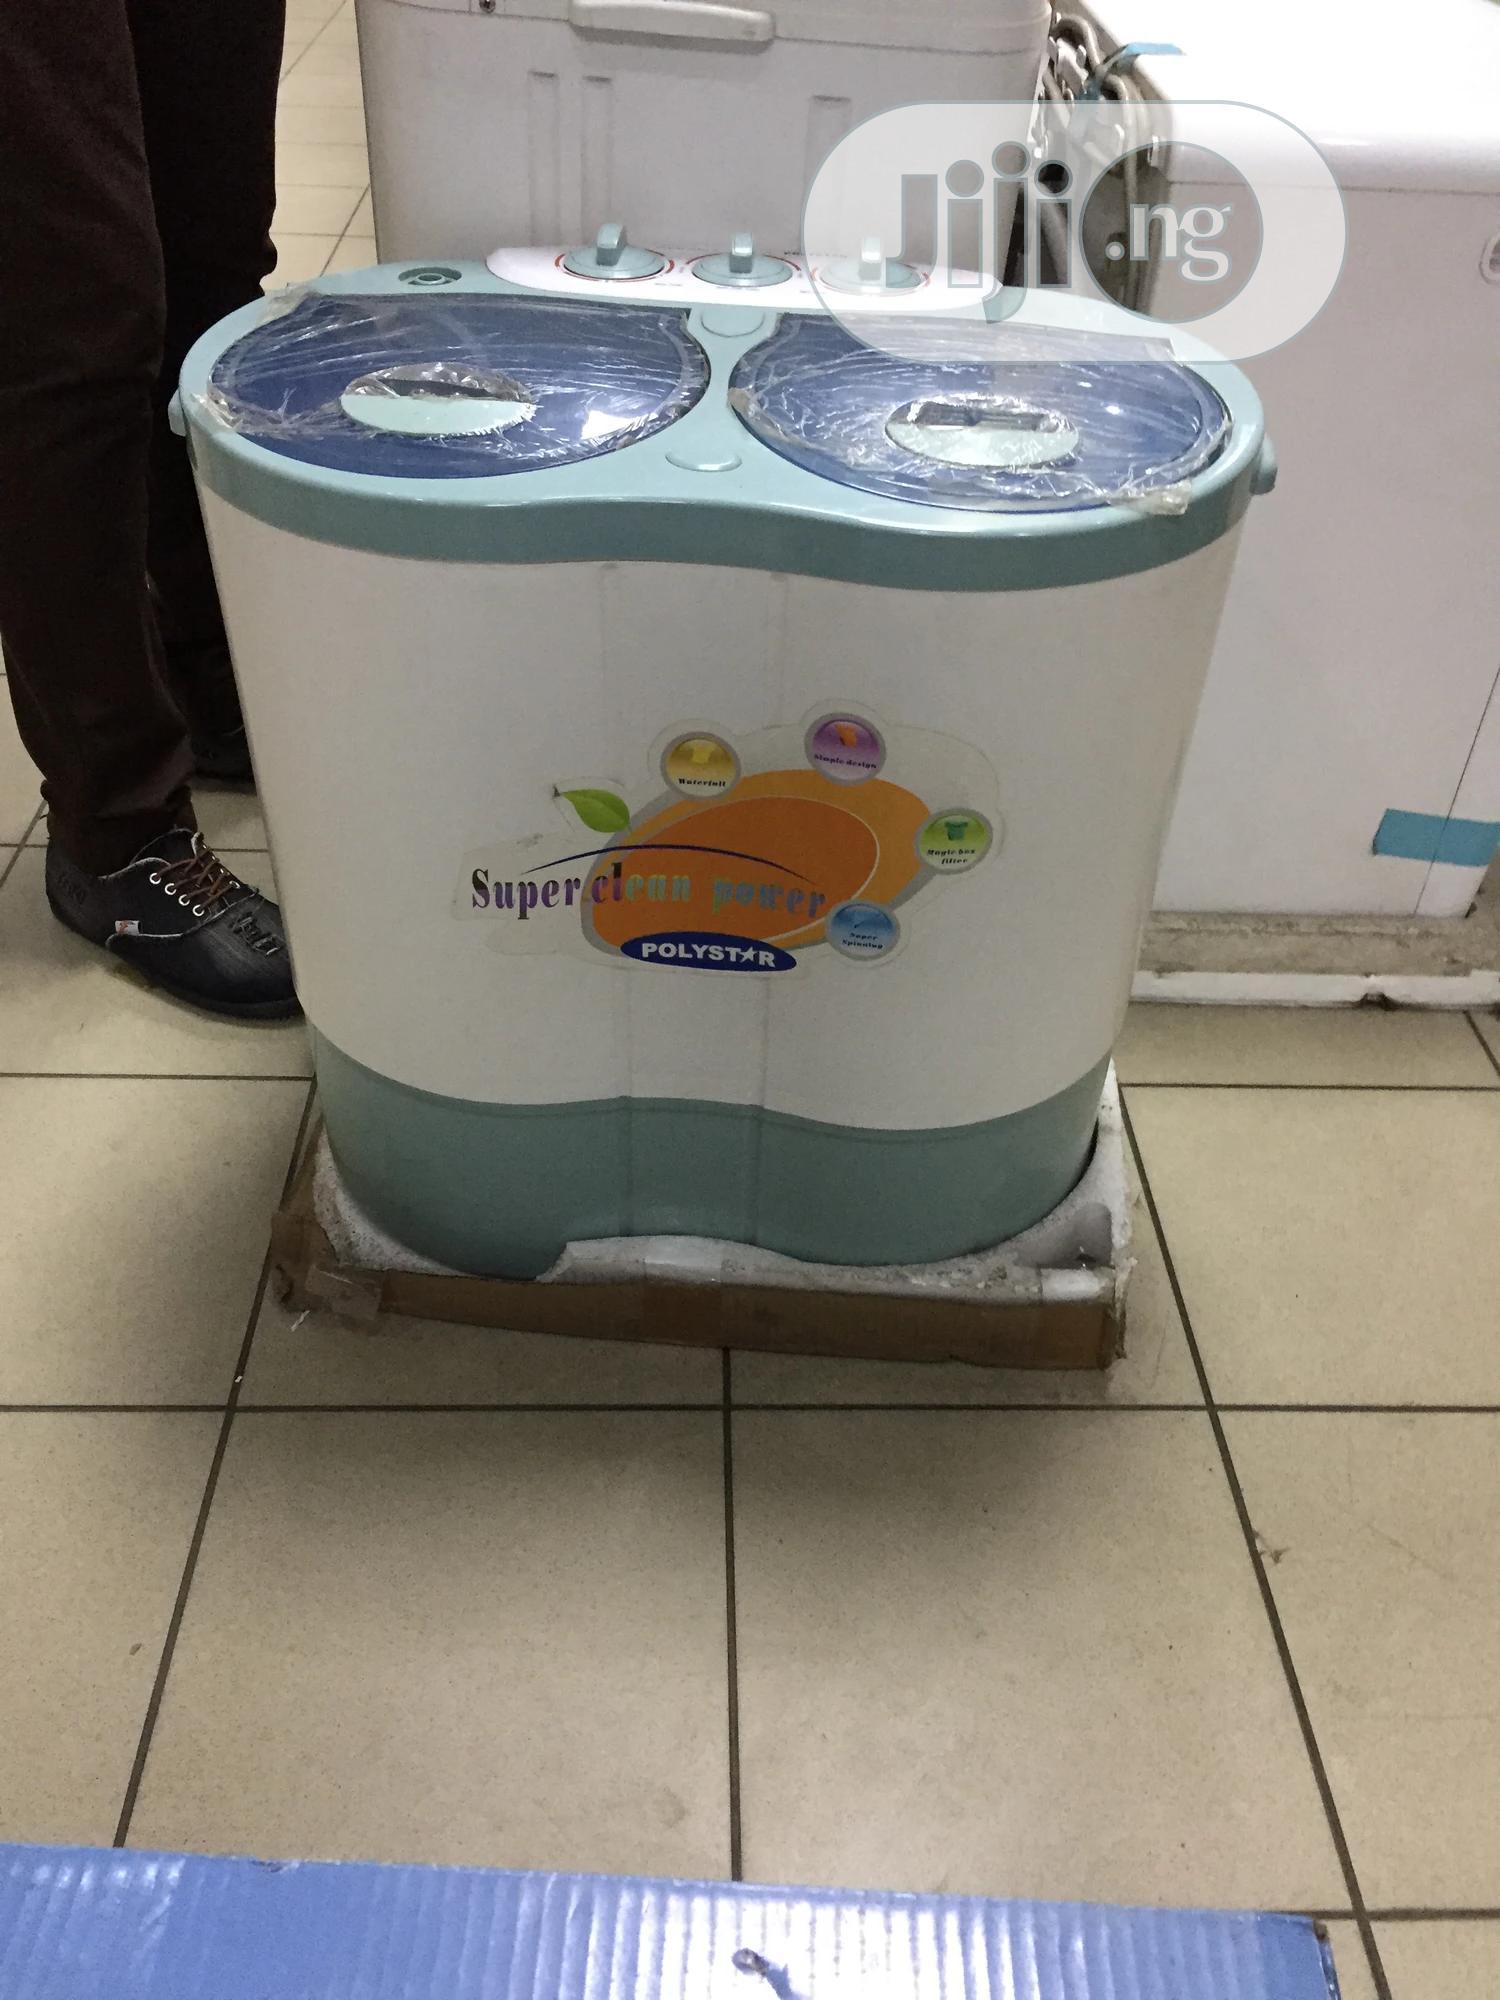 Polystar 5. 7kg Washing Machine